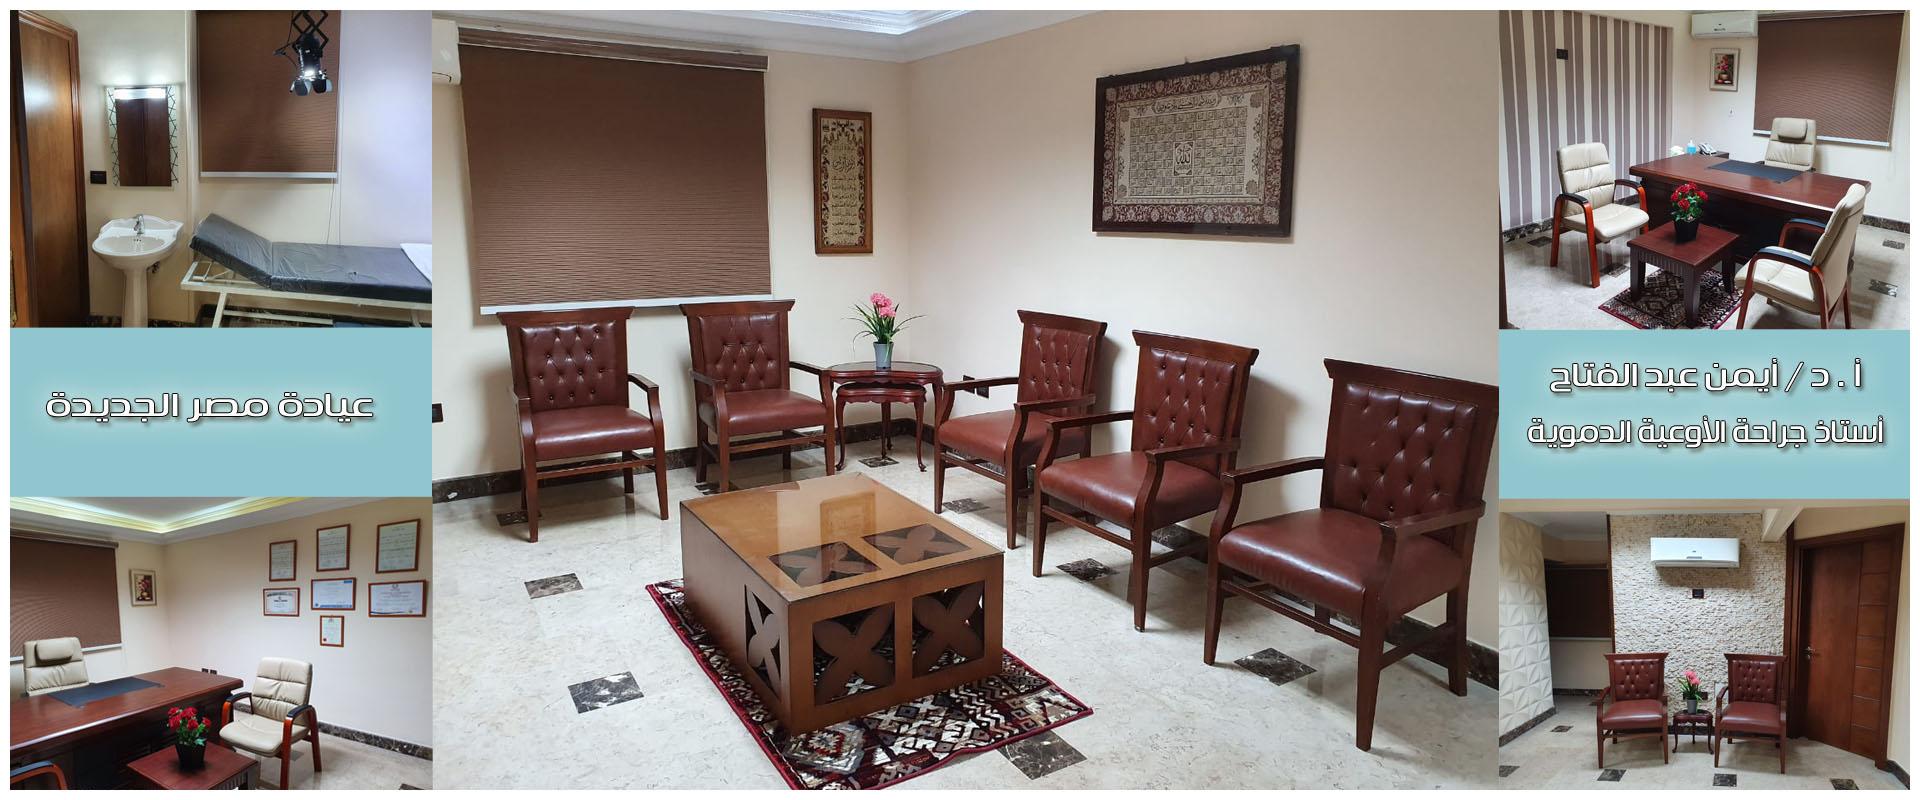 عيادة مصر الجديدة